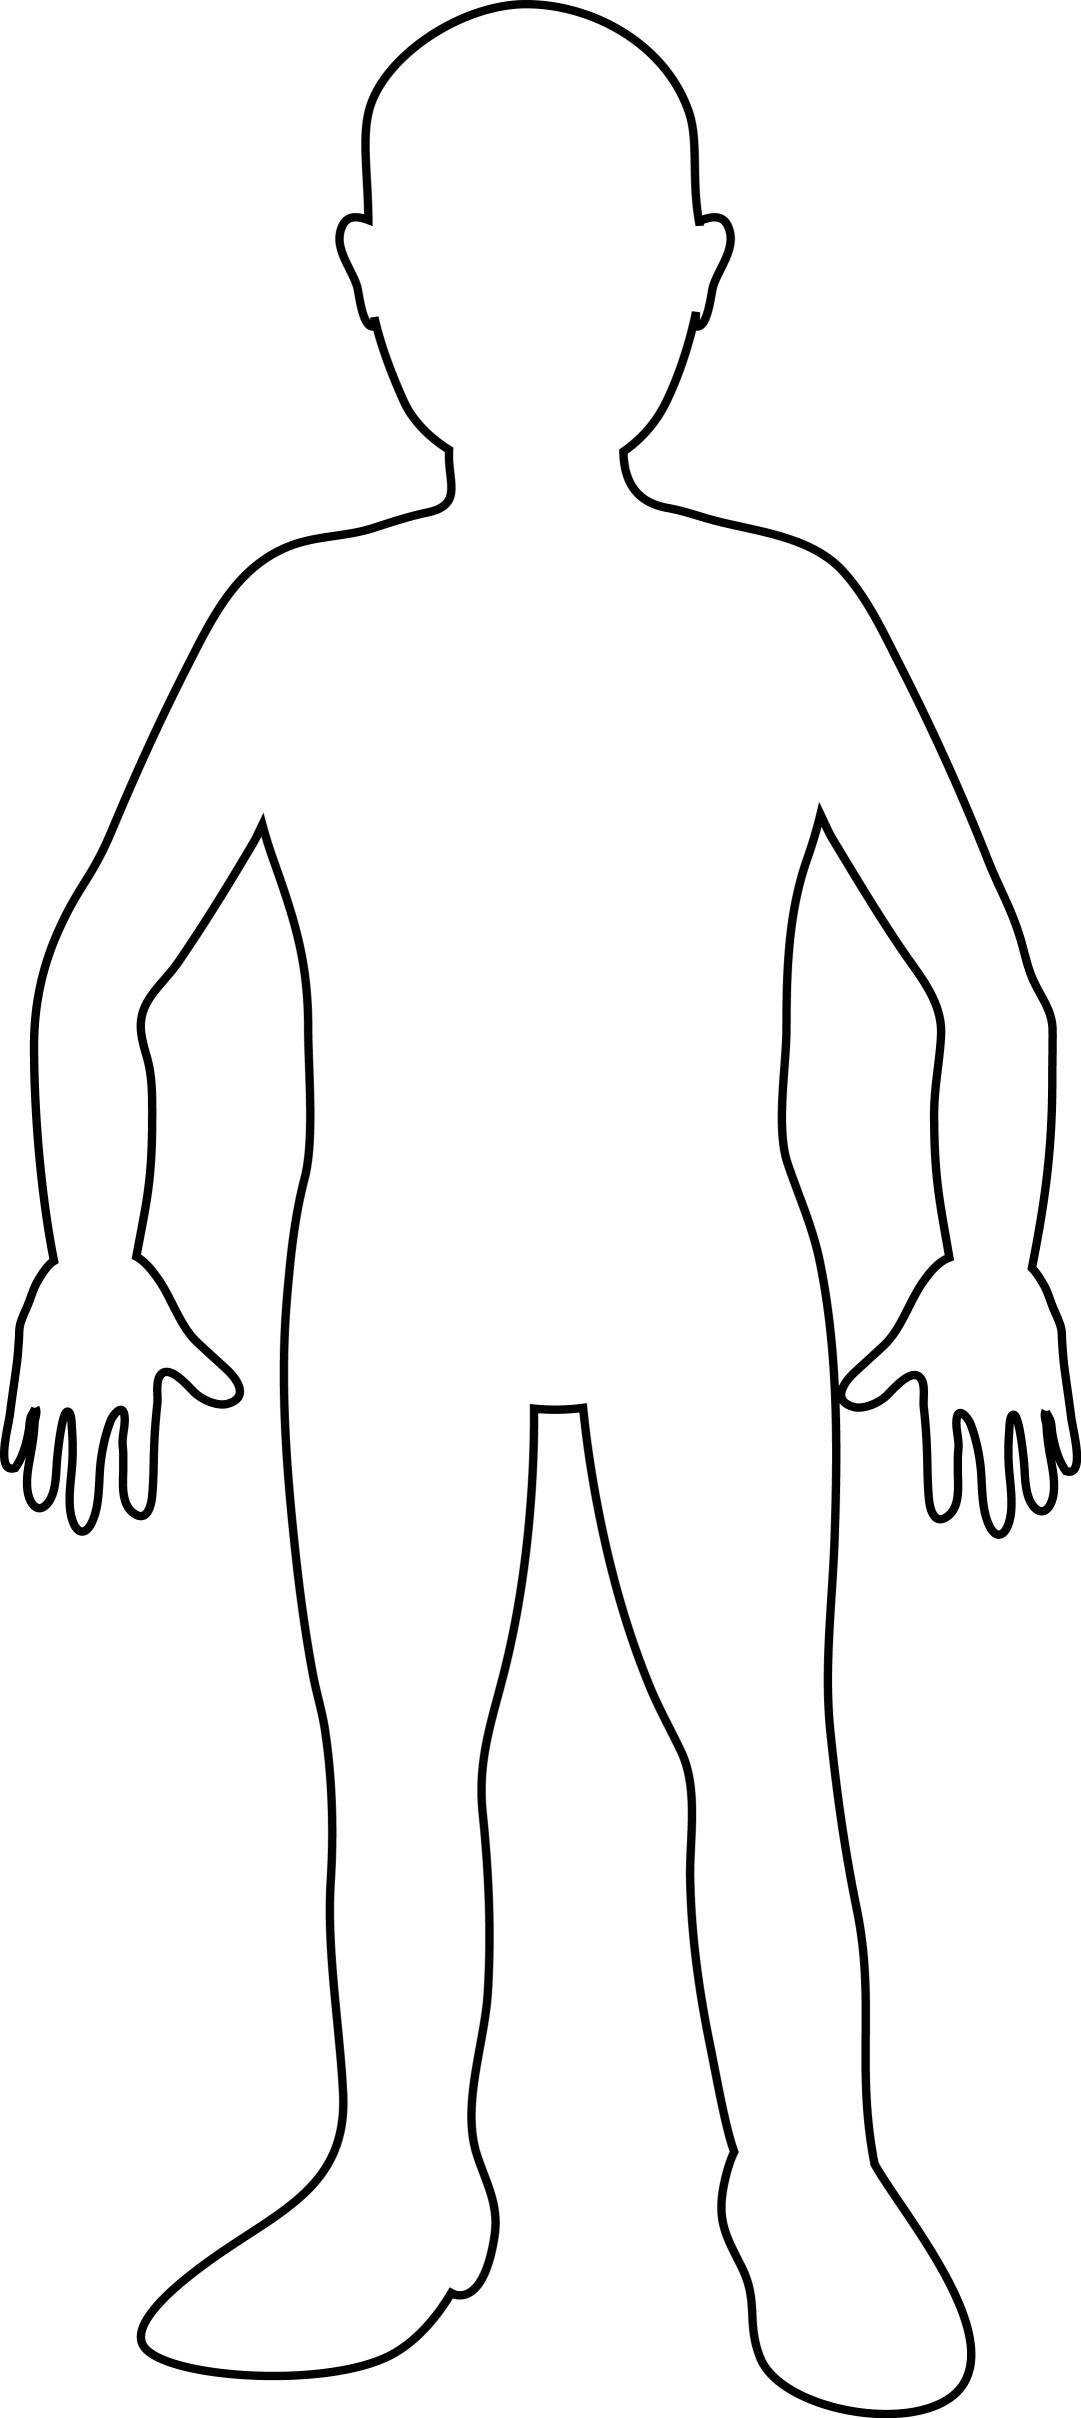 Person Outline Clip Art - 71229